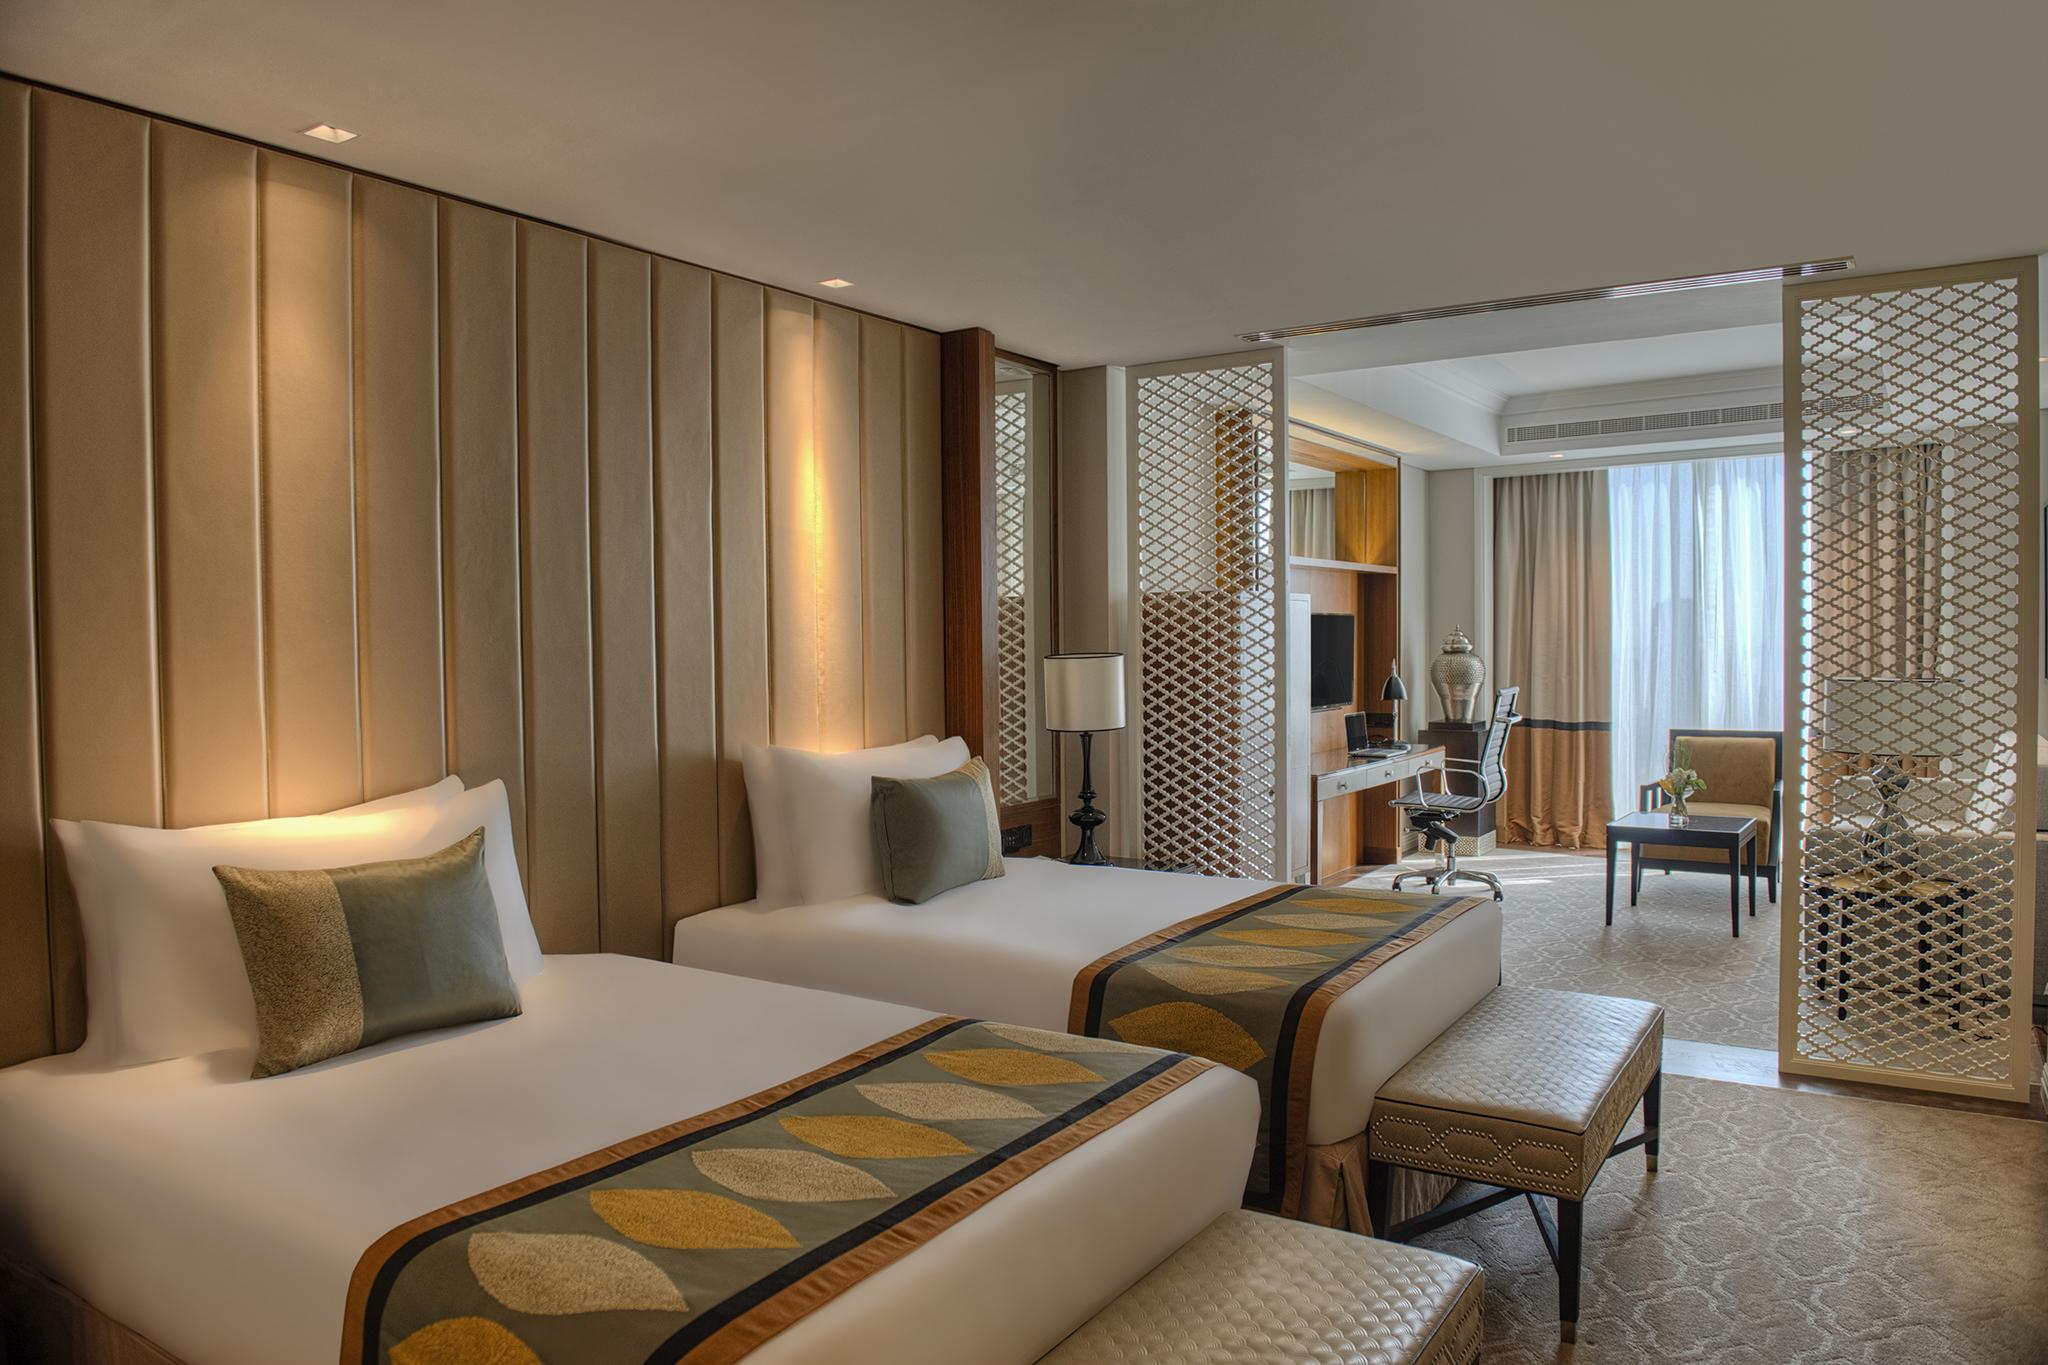 """Thiết kế nội thất phòng ngủ khách sạn 5 sao """"chuẩn không cần chỉnh"""" - 4"""